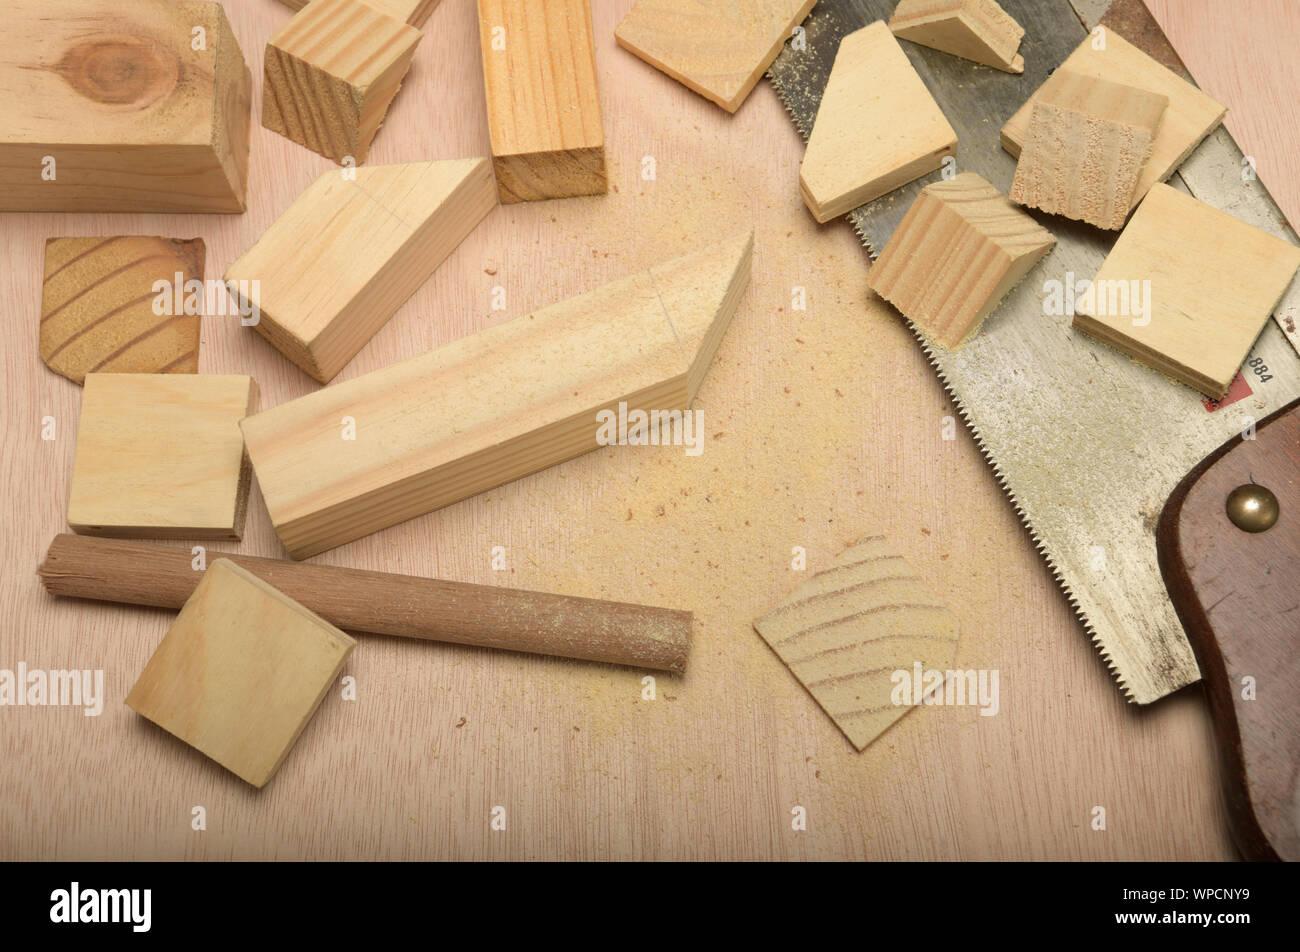 Cerca, el detalle, la colección de bloques de madera cortadas en formas y figuras con sierra, ilustración, antecedentes, carpintería, proyecto de bricolaje Foto de stock